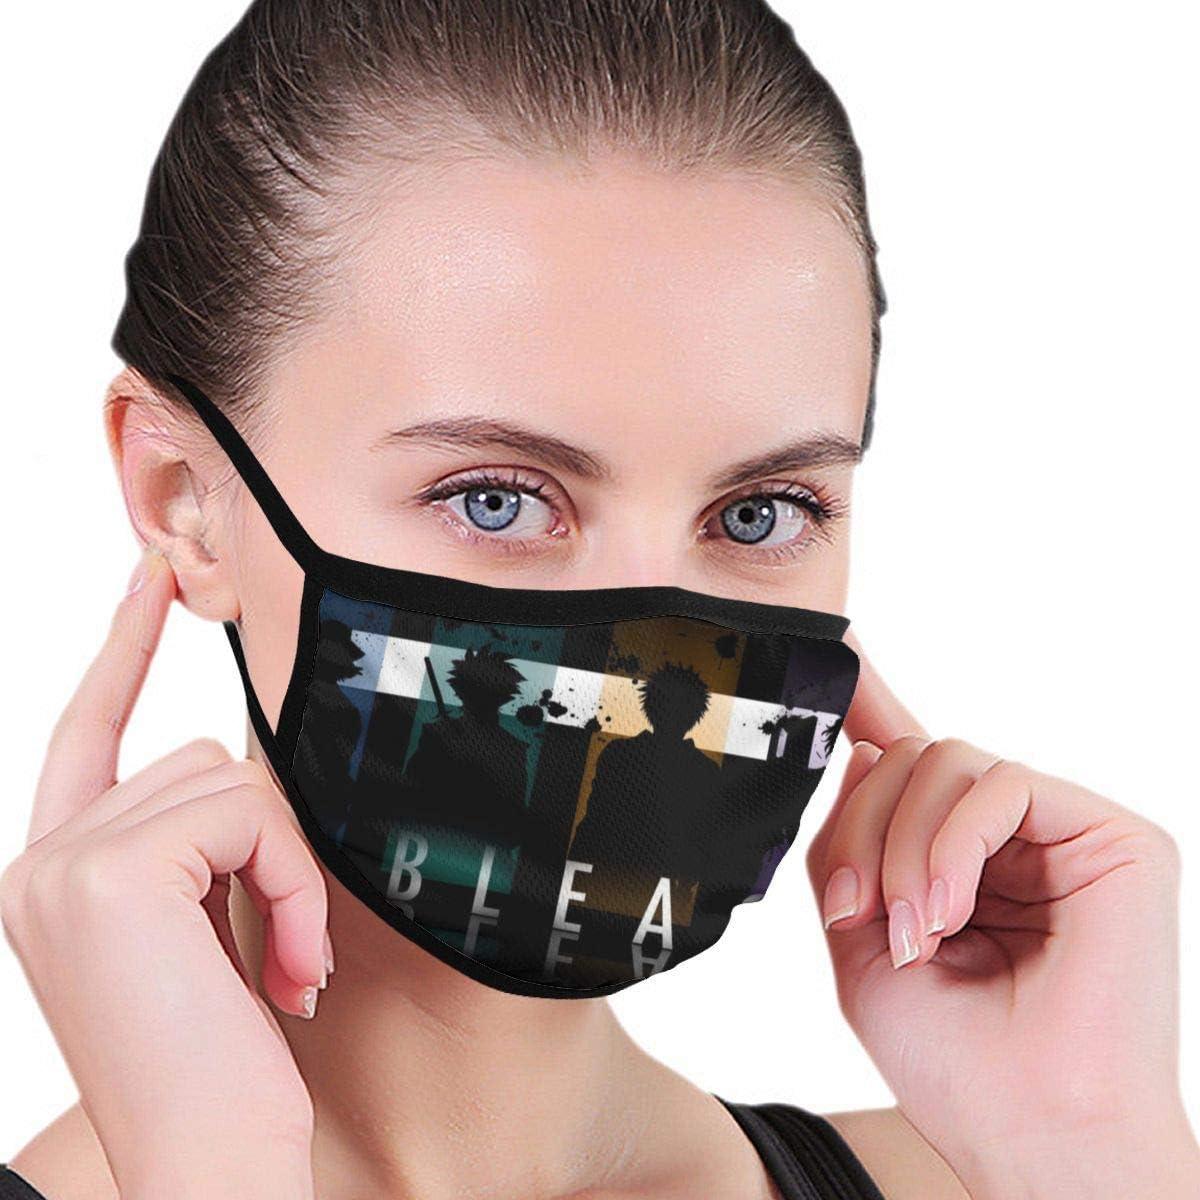 Blea_Ch Ichi_Go Kuros_AKI Decoraciones Faciales Reutilizables Lavables Unisex para Protección Personal